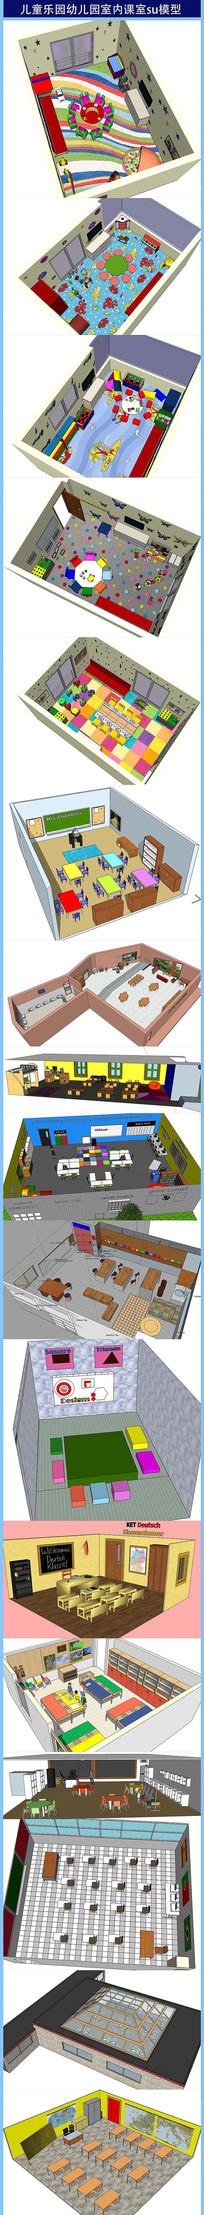 儿童乐园幼儿园室内课室su模型